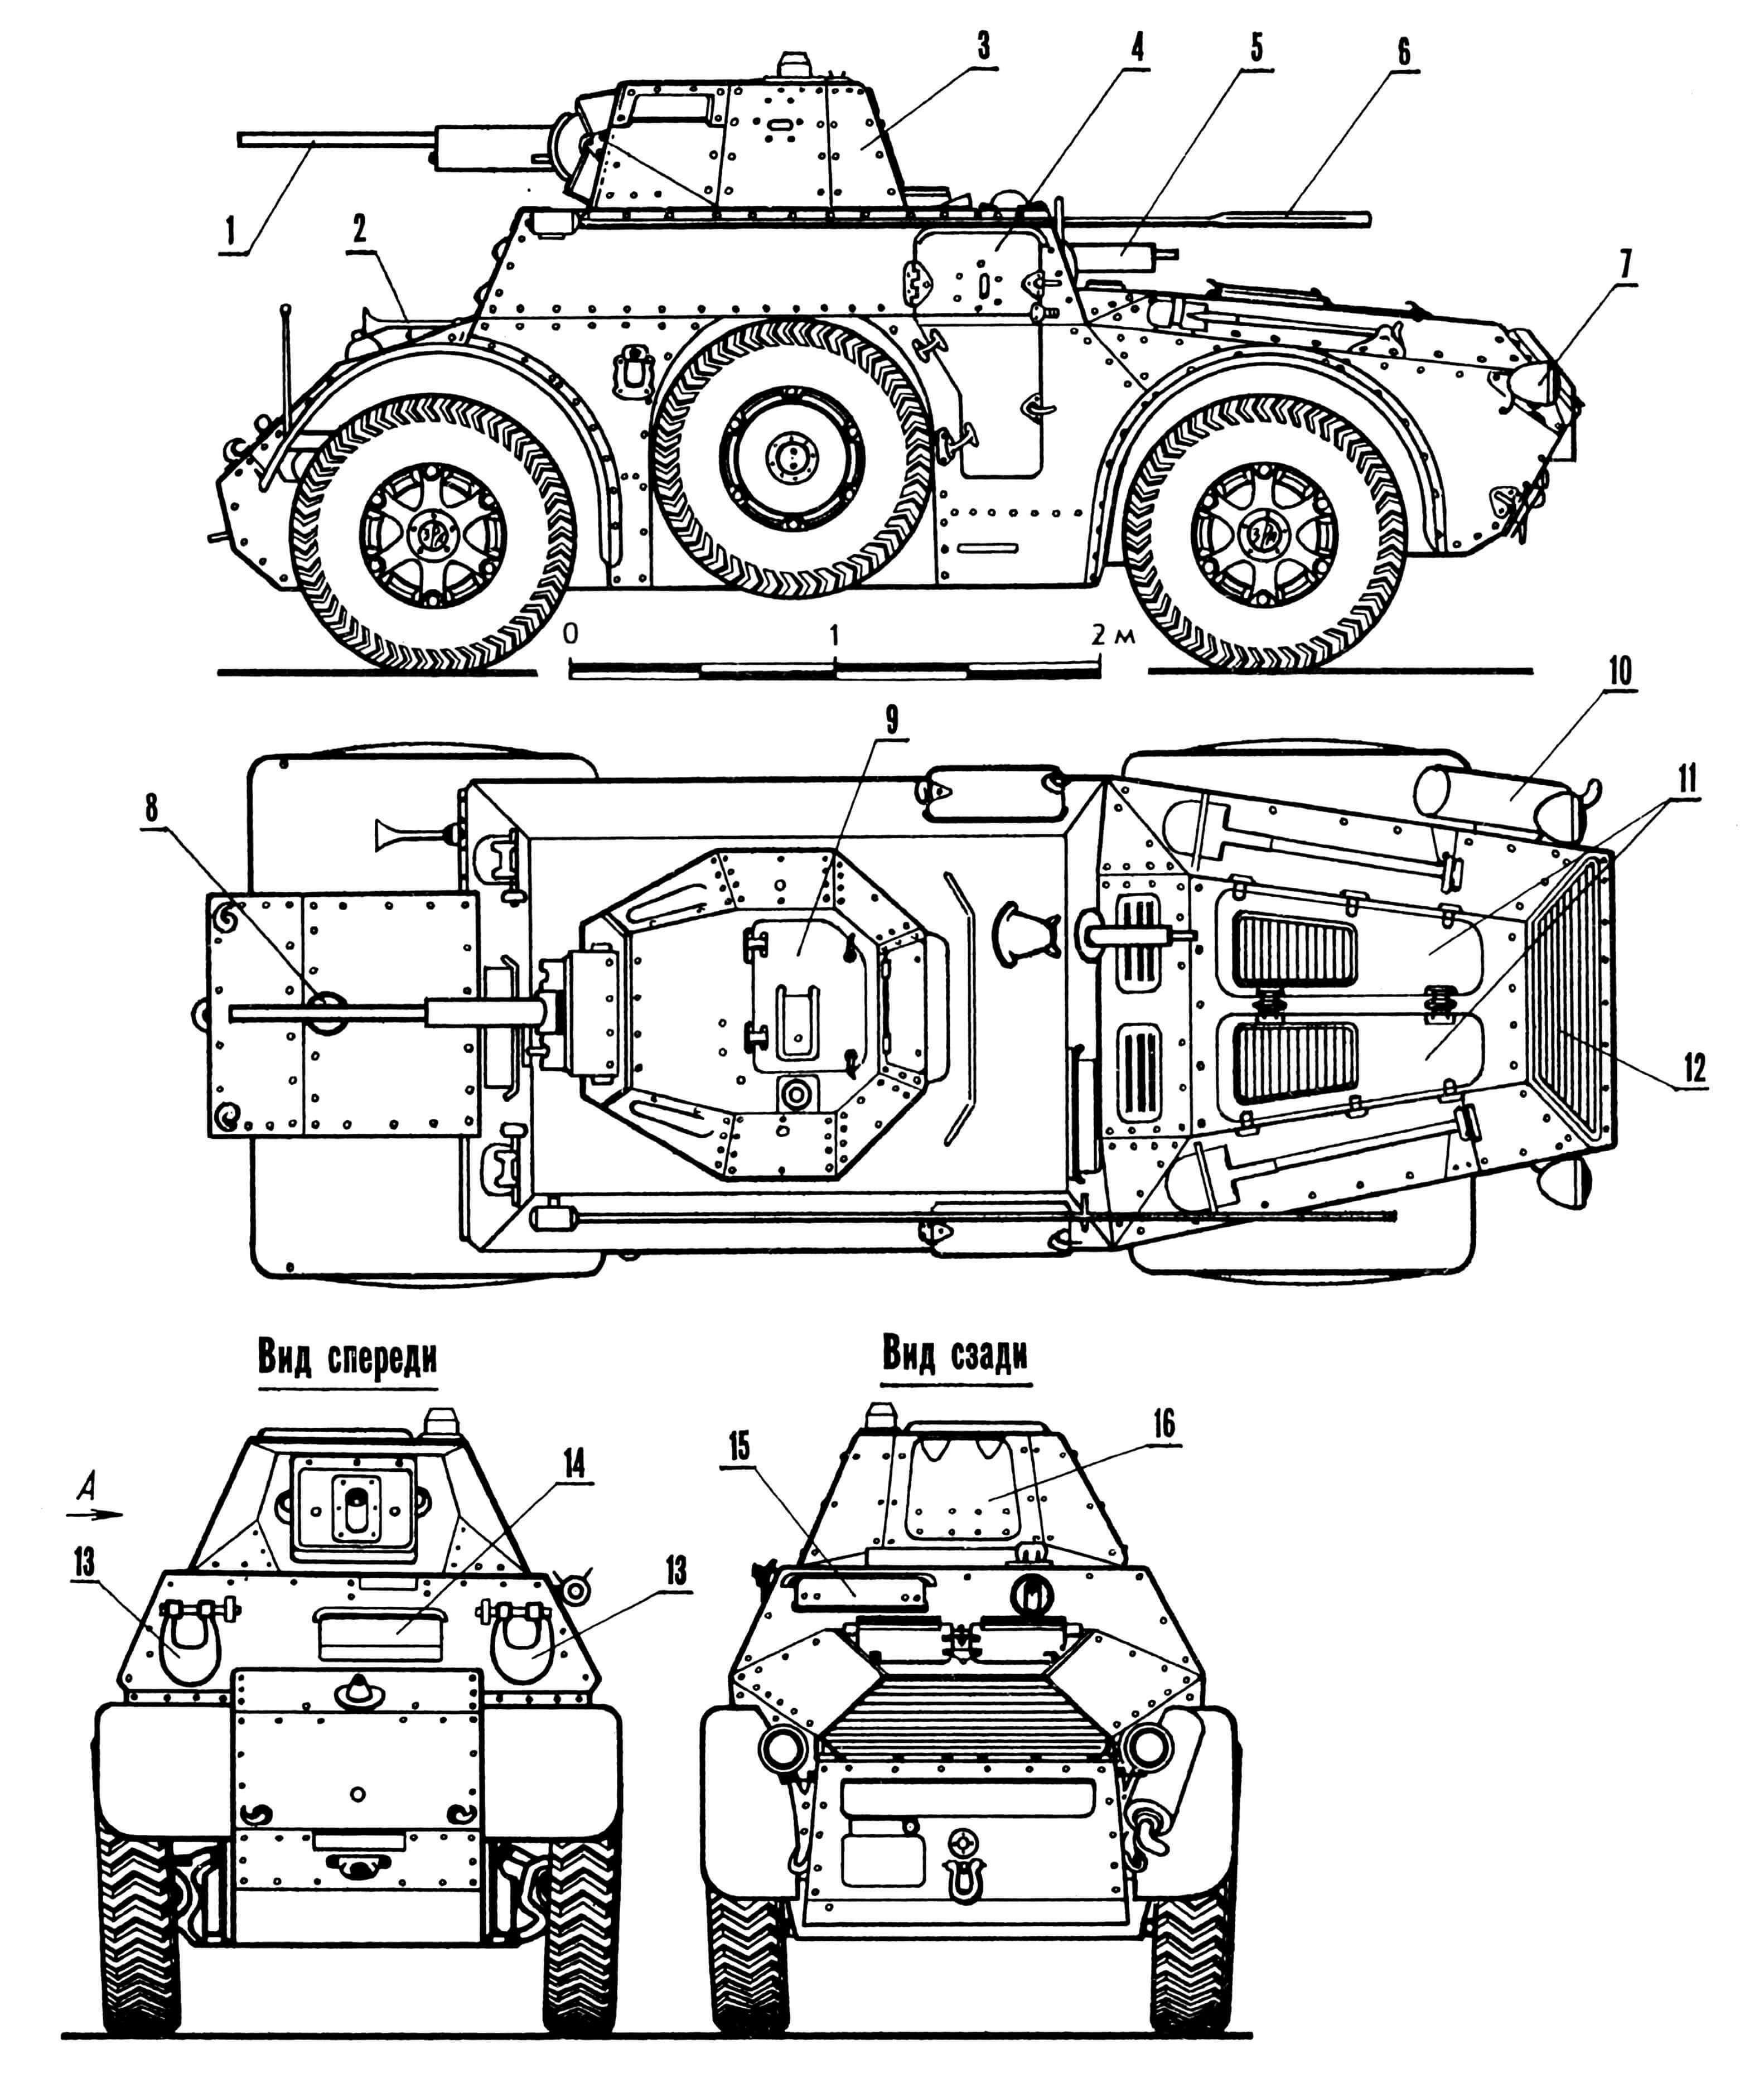 Бронеавтомобиль АВ 41: 1 — пушка; 2 — сигнал; 3 — башня; 4 — дверь для посадки экипажа; 5 — пулемет кормовой; 6 — антенна (в положении по-походному); 7 — фара; 8 — лючок заливной горловины переднего топливного бака; 9 — люк башенный; 10 — глушитель; 11 — крышки люка для доступа к двигателю; 12 — жалюзи; 13 — крышки фар; 14 — прибор наблюдения механика-водителя; 15 — прибор наблюдения второго механика-водителя; 16 — люк для демонтажа пушки.